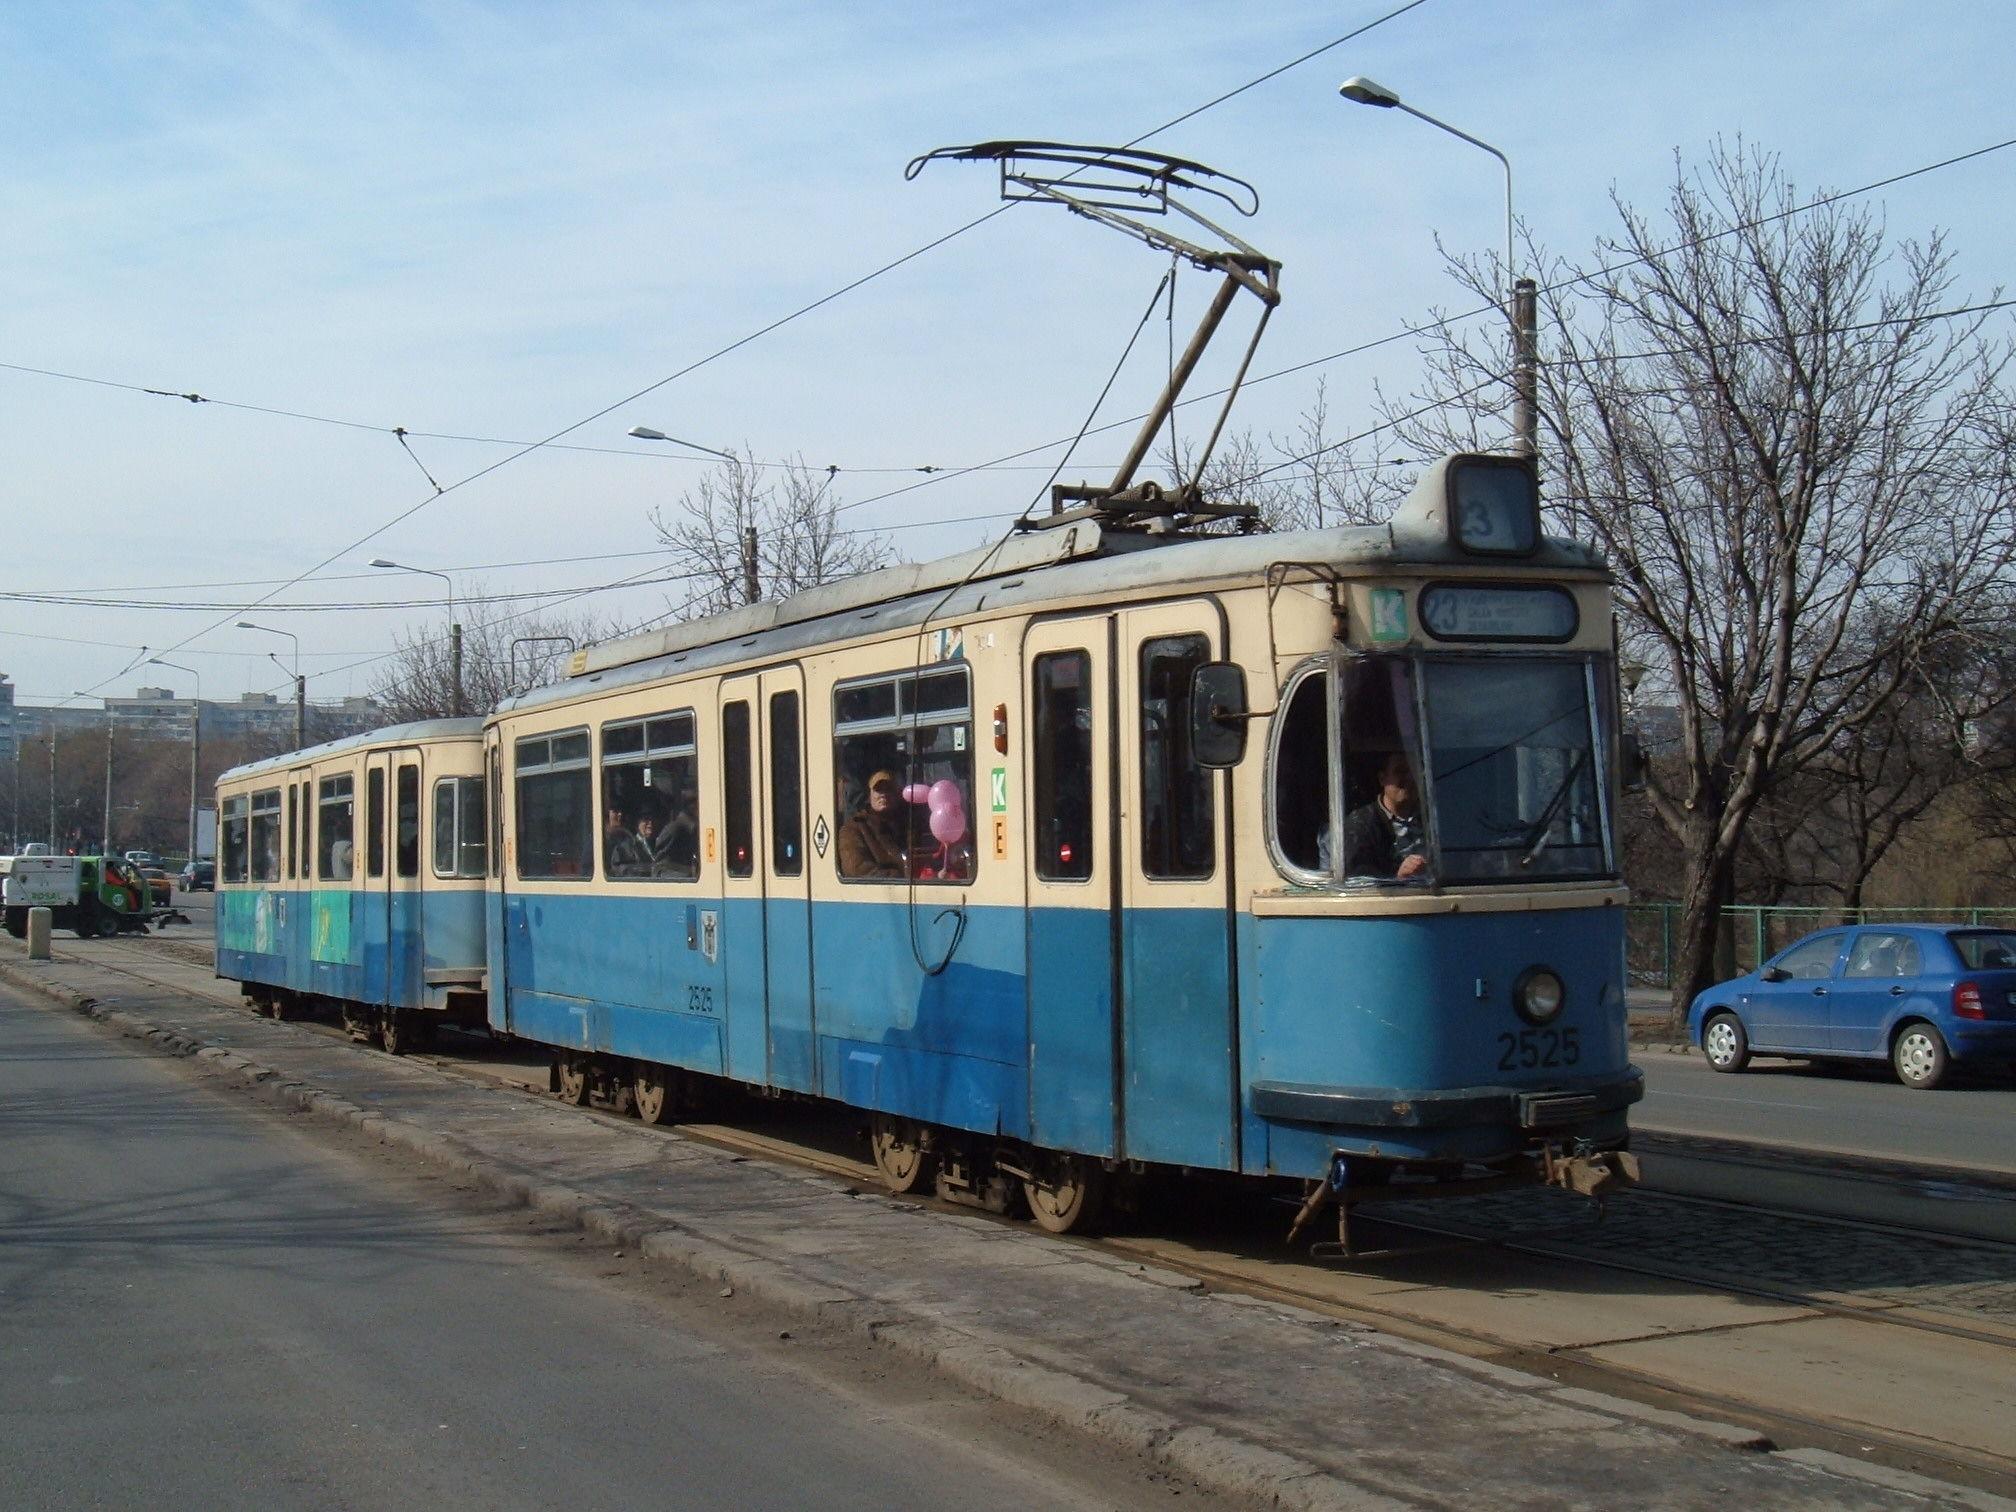 Tramvai Rathgeber M5.65 în București